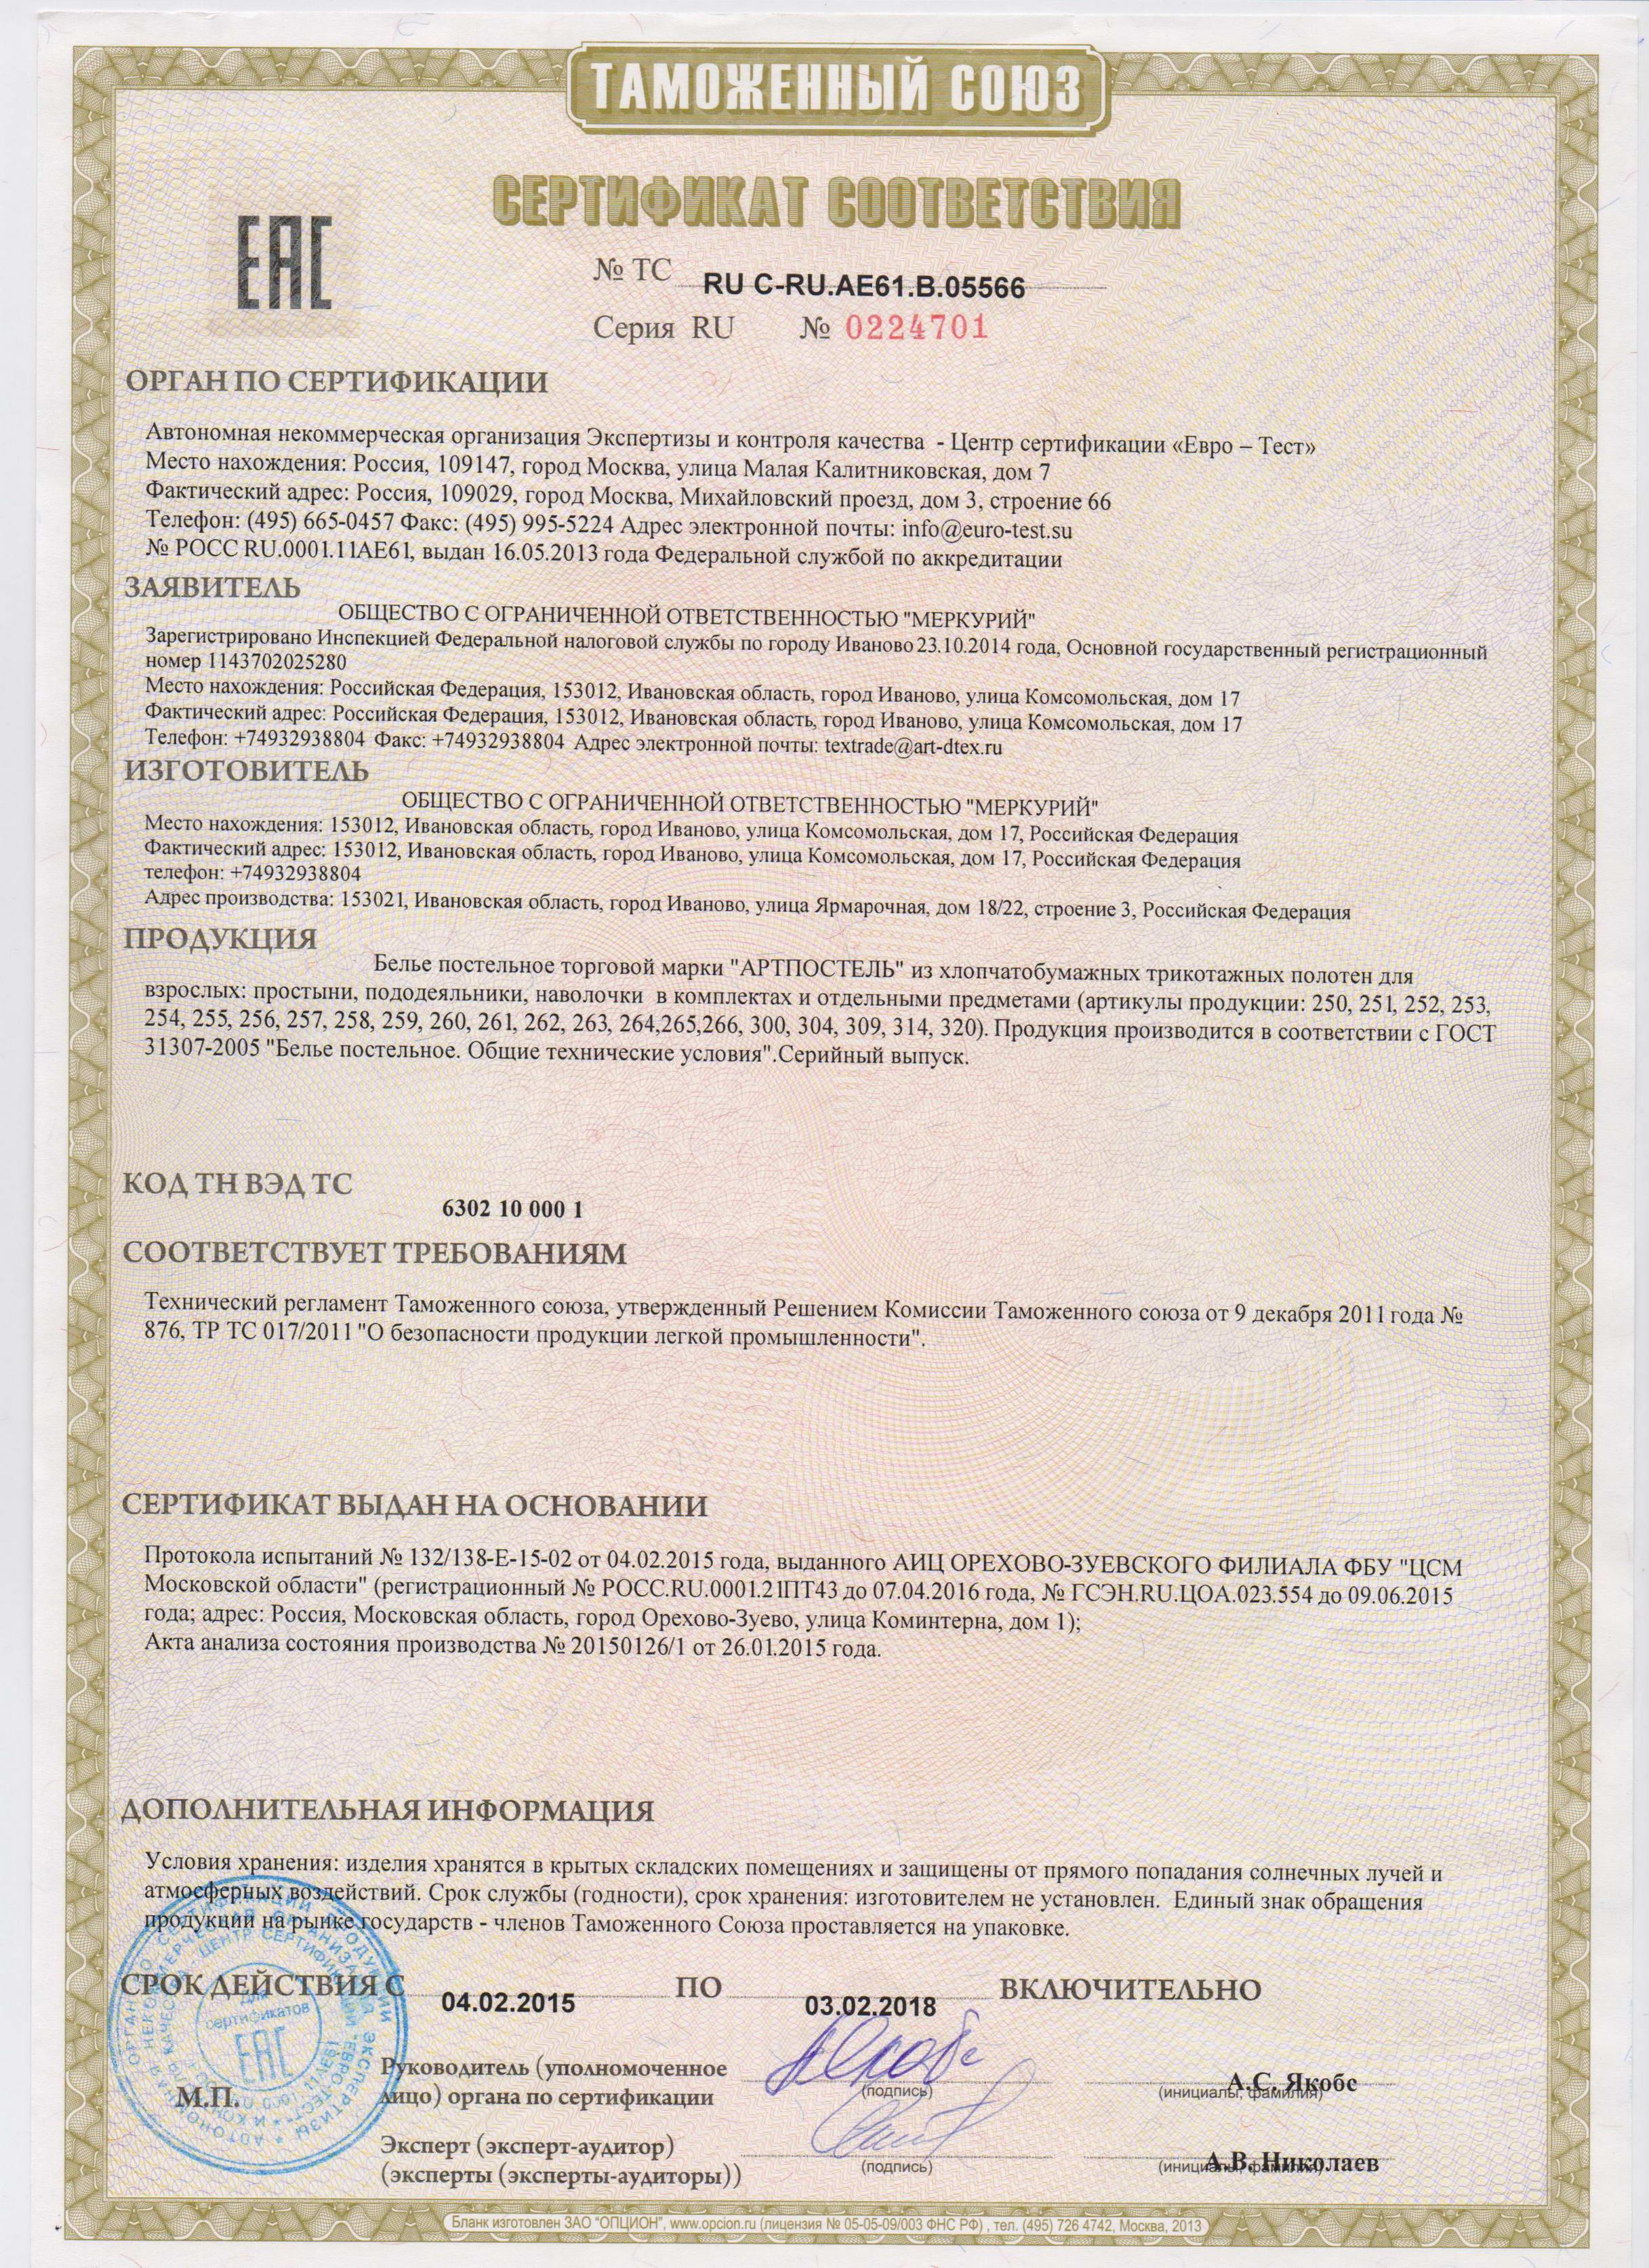 Сертификат_Меркурий__пост.принад_.jpg